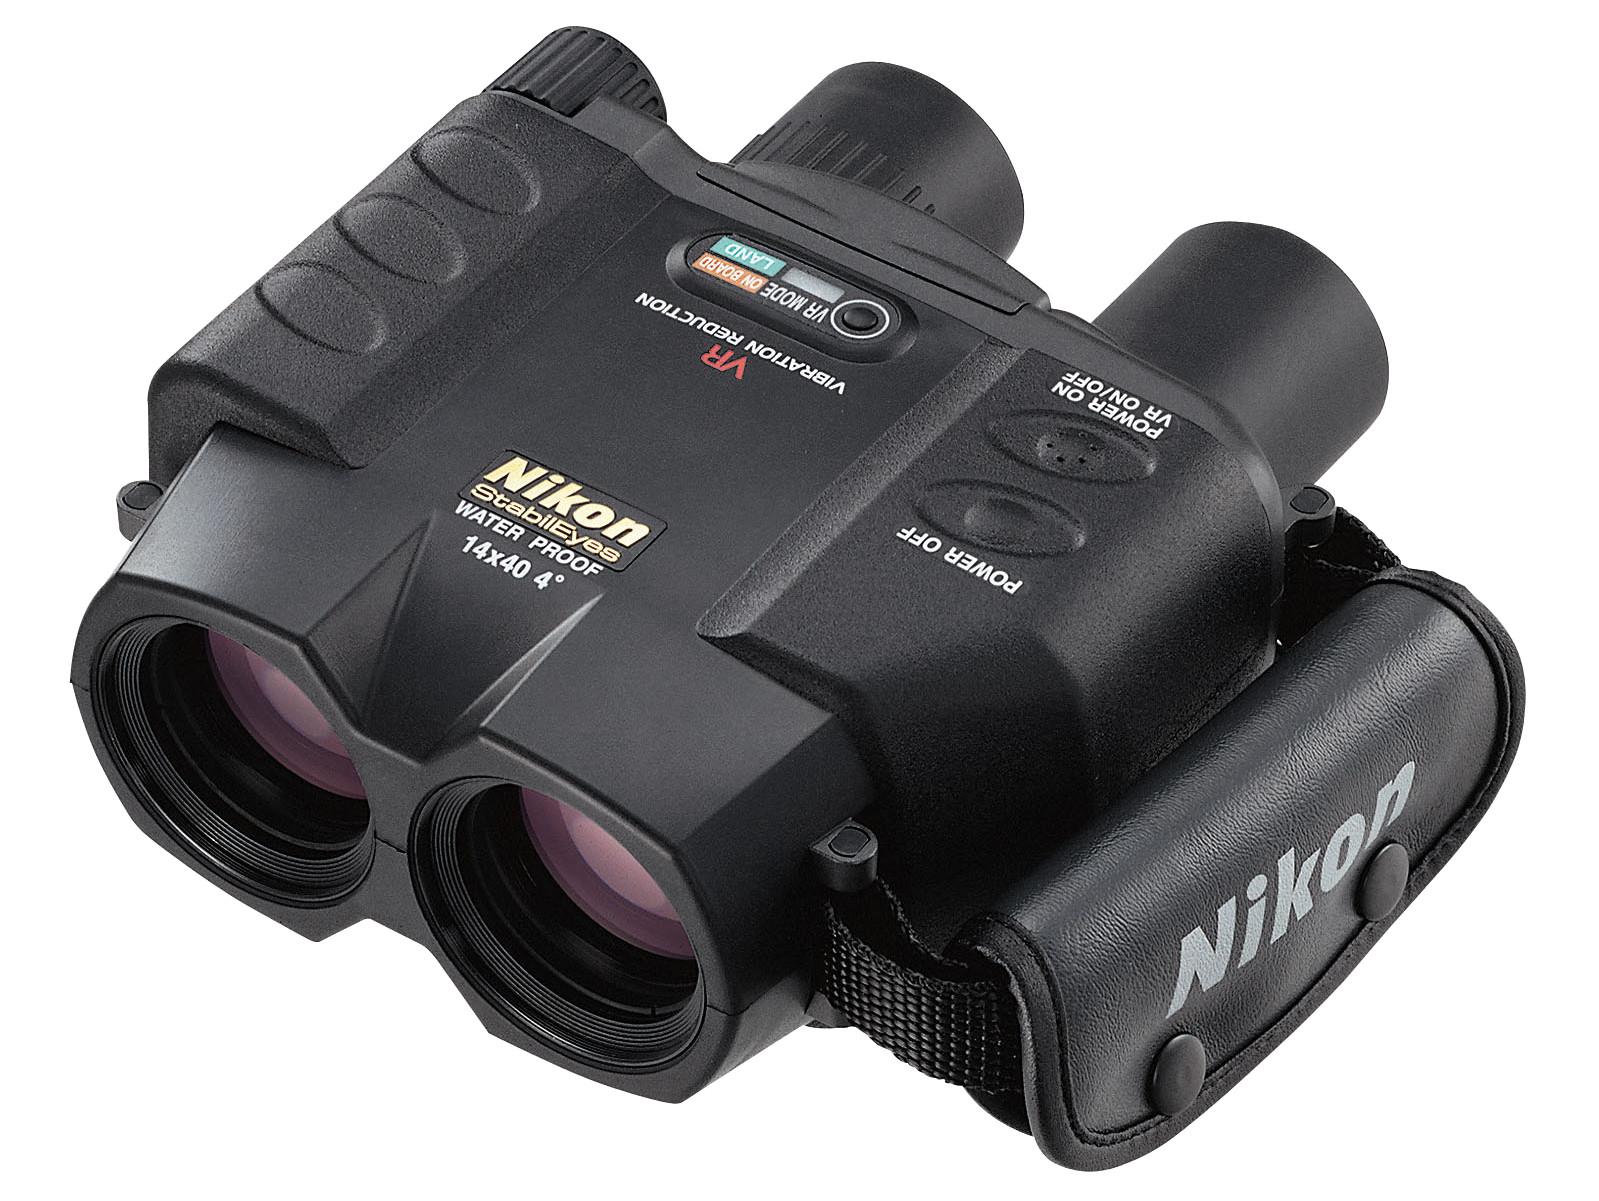 StabilEyes 14X40 避震型望遠鏡 雙筒望遠鏡/單眼鏡-夜間觀星